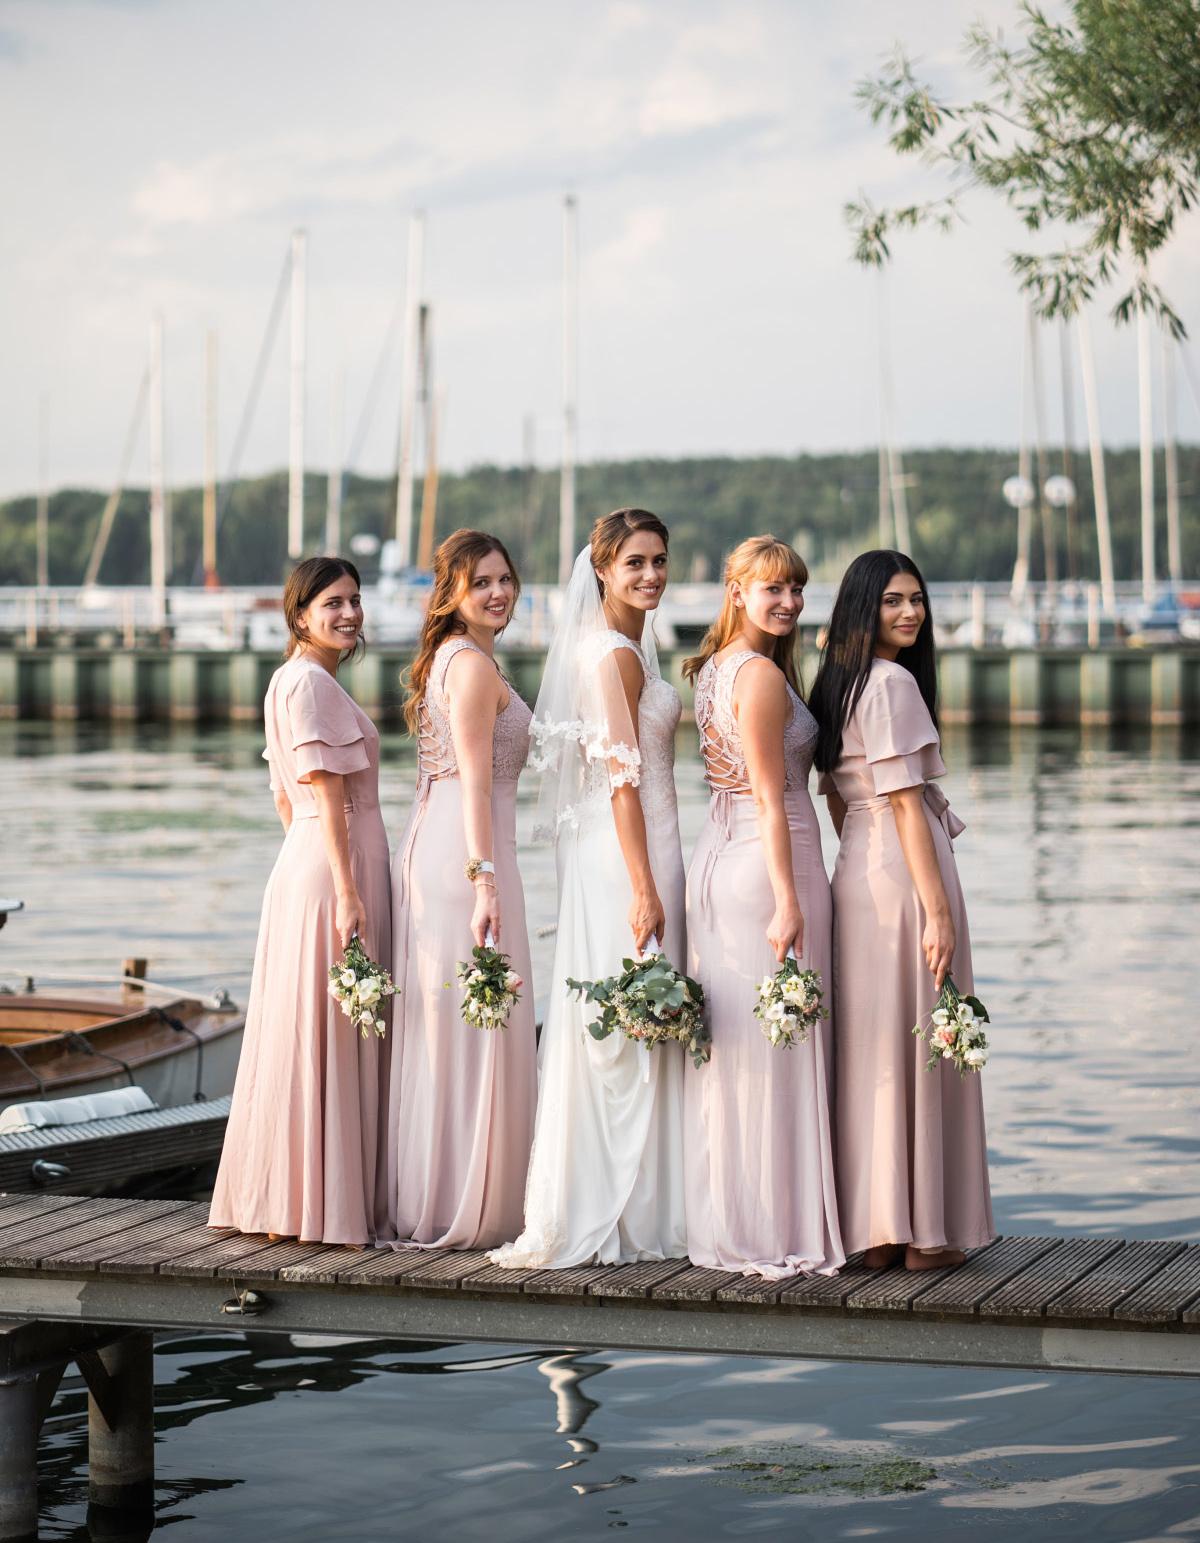 Gruppenfoto Braut mit Bridesmaids bei Vintage-Hochzeit - Villa Blumenfisch Hochzeitsfotograf © www.hochzeitslicht.de